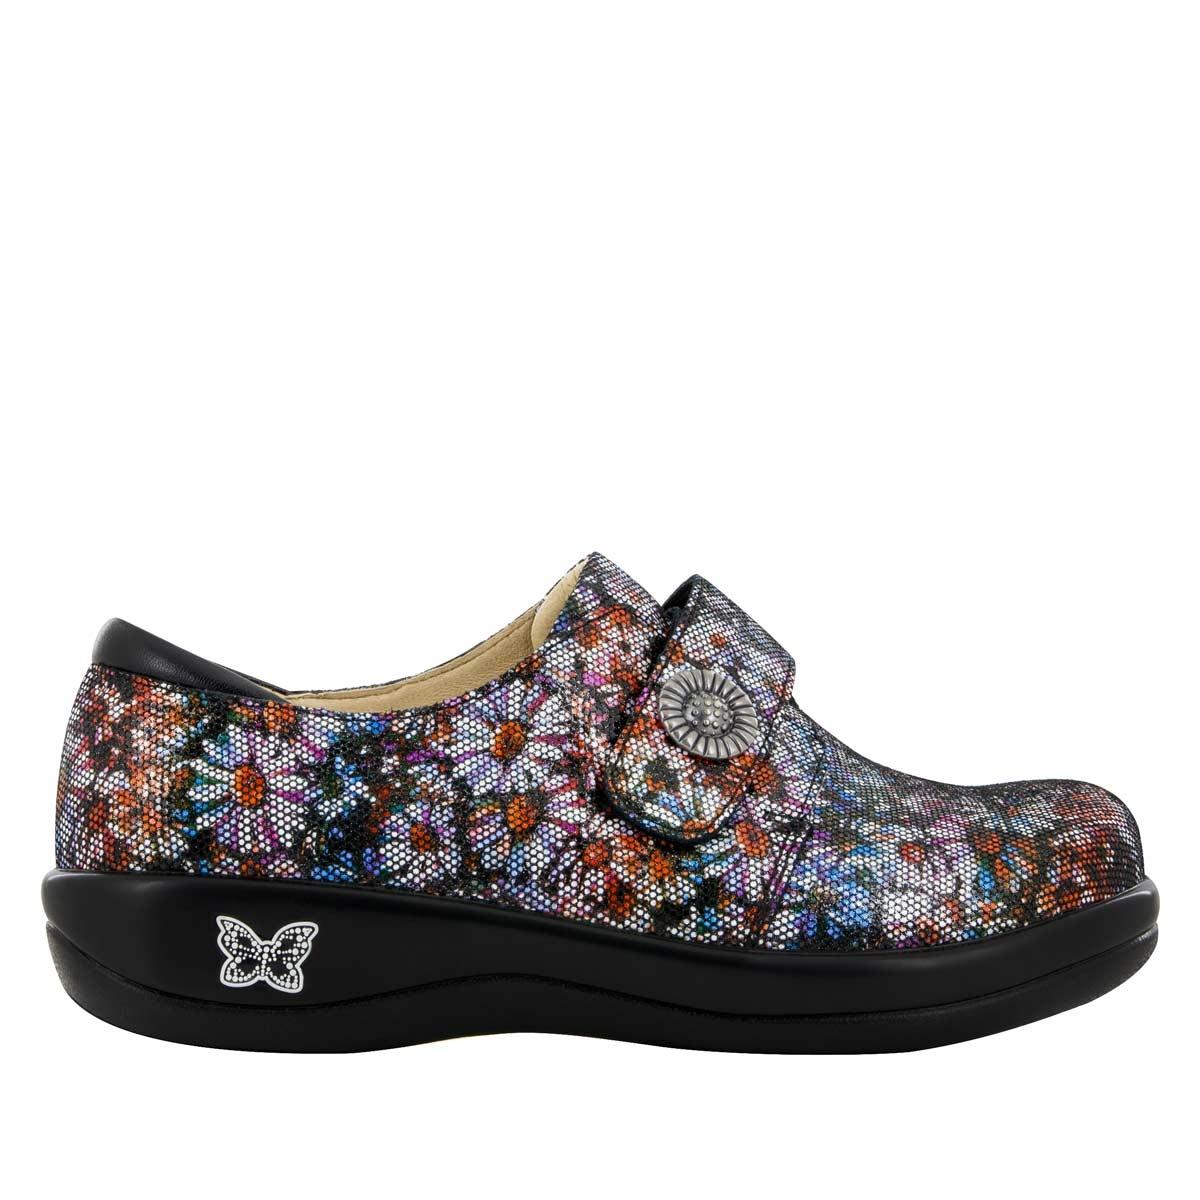 Alegria Joleen Daisy Nursing Shoe Alegriashoeshop Com